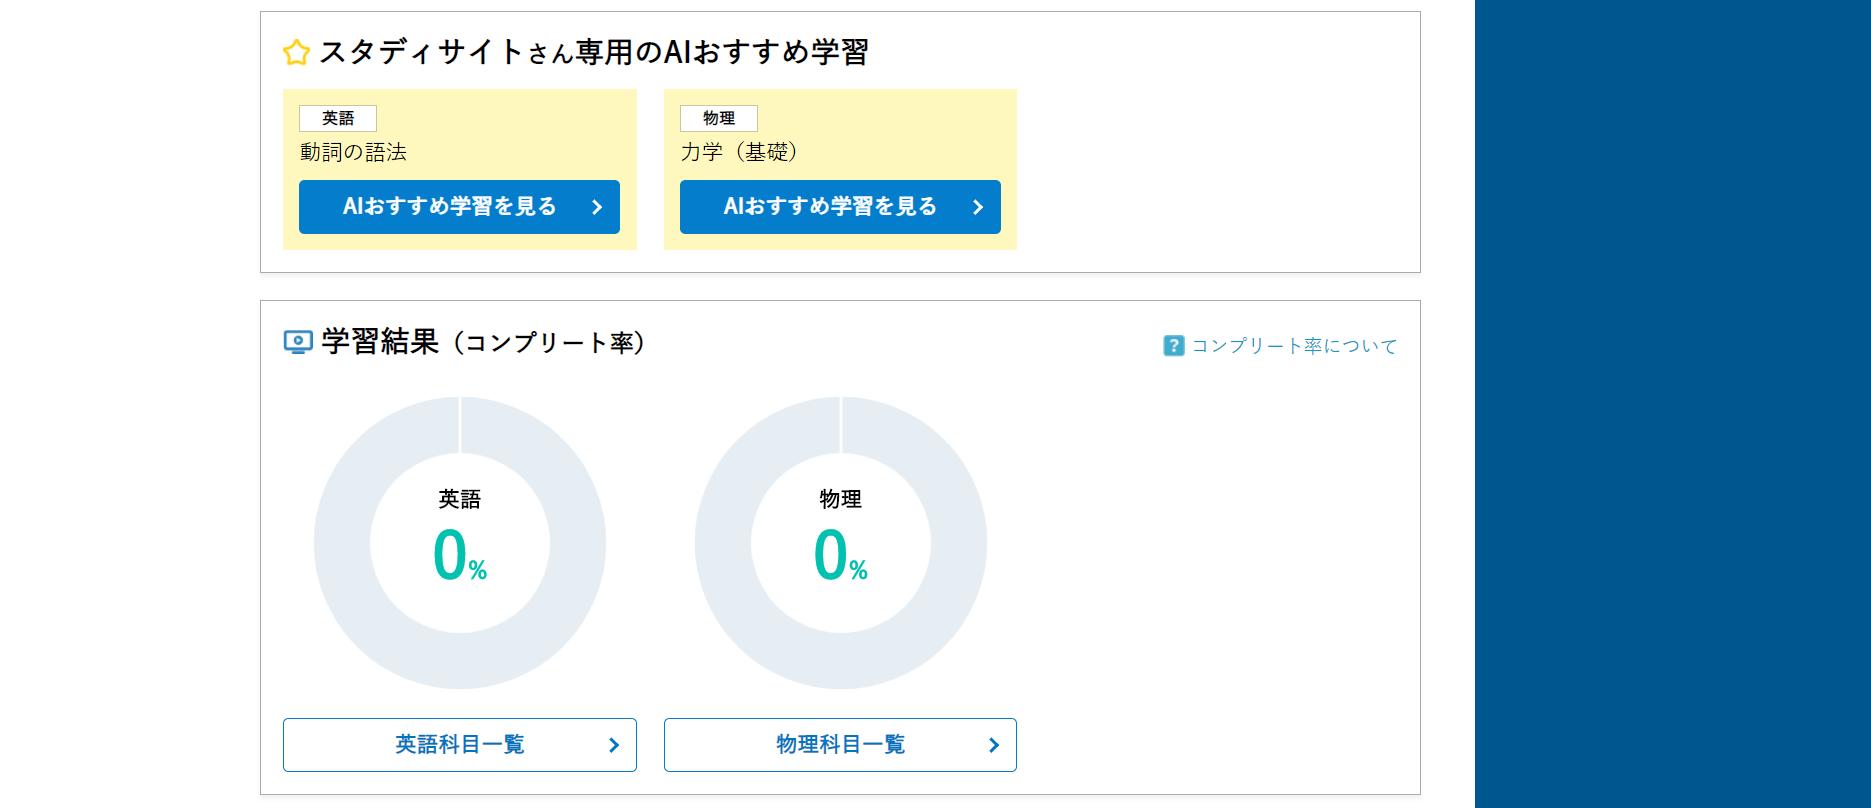 河合塾Oneのトップページ